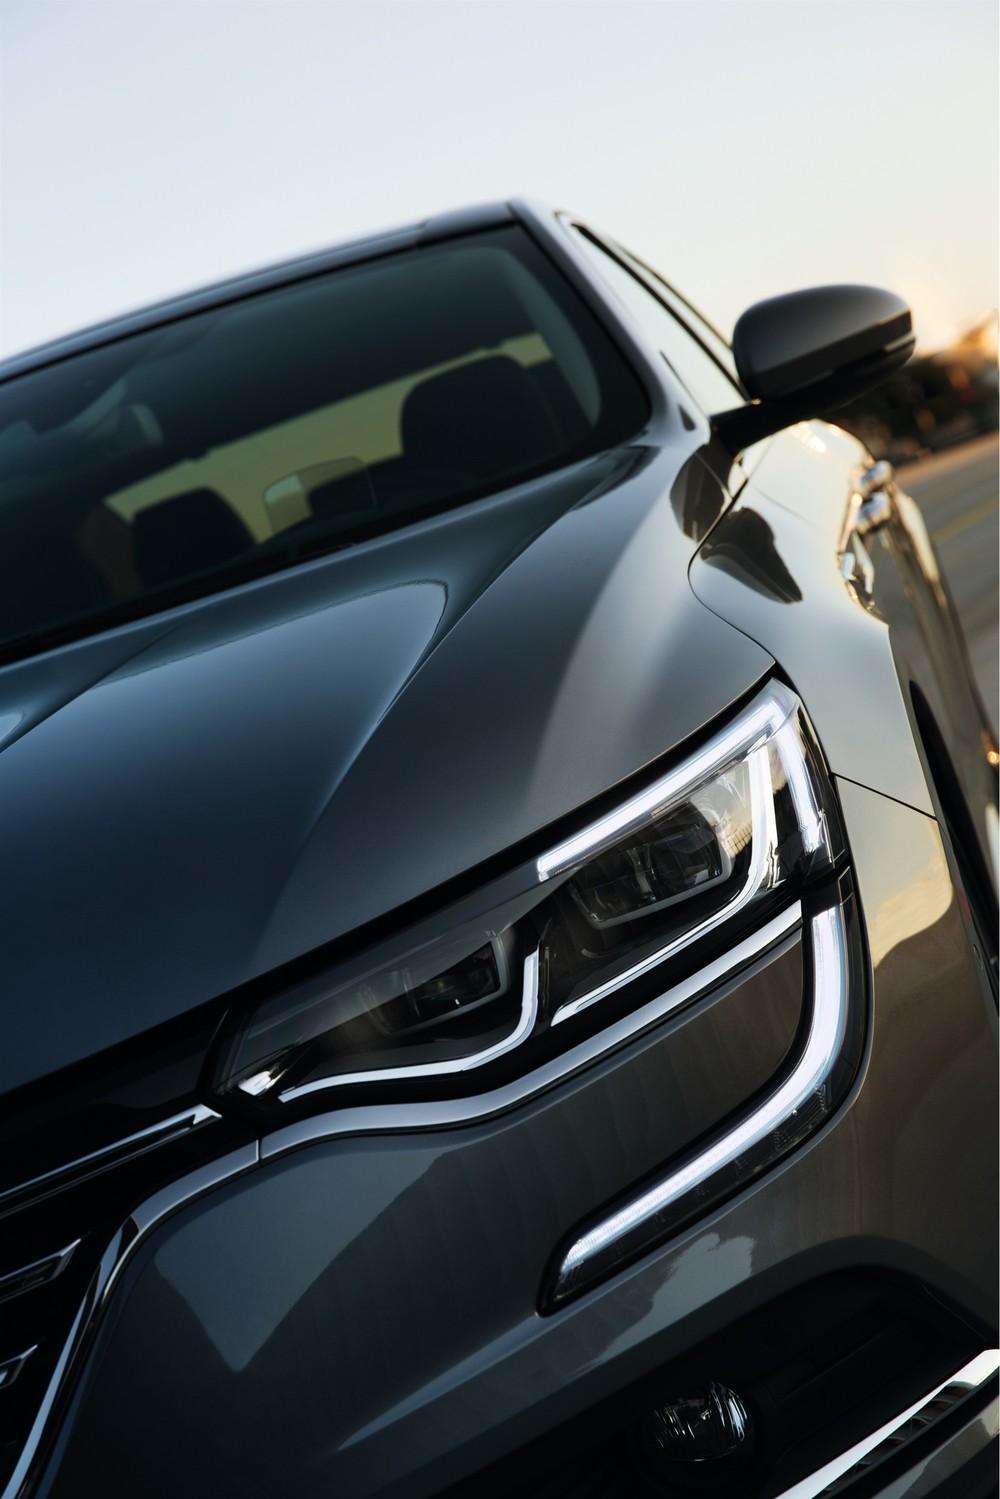 Renault_69957_global_en.jpg